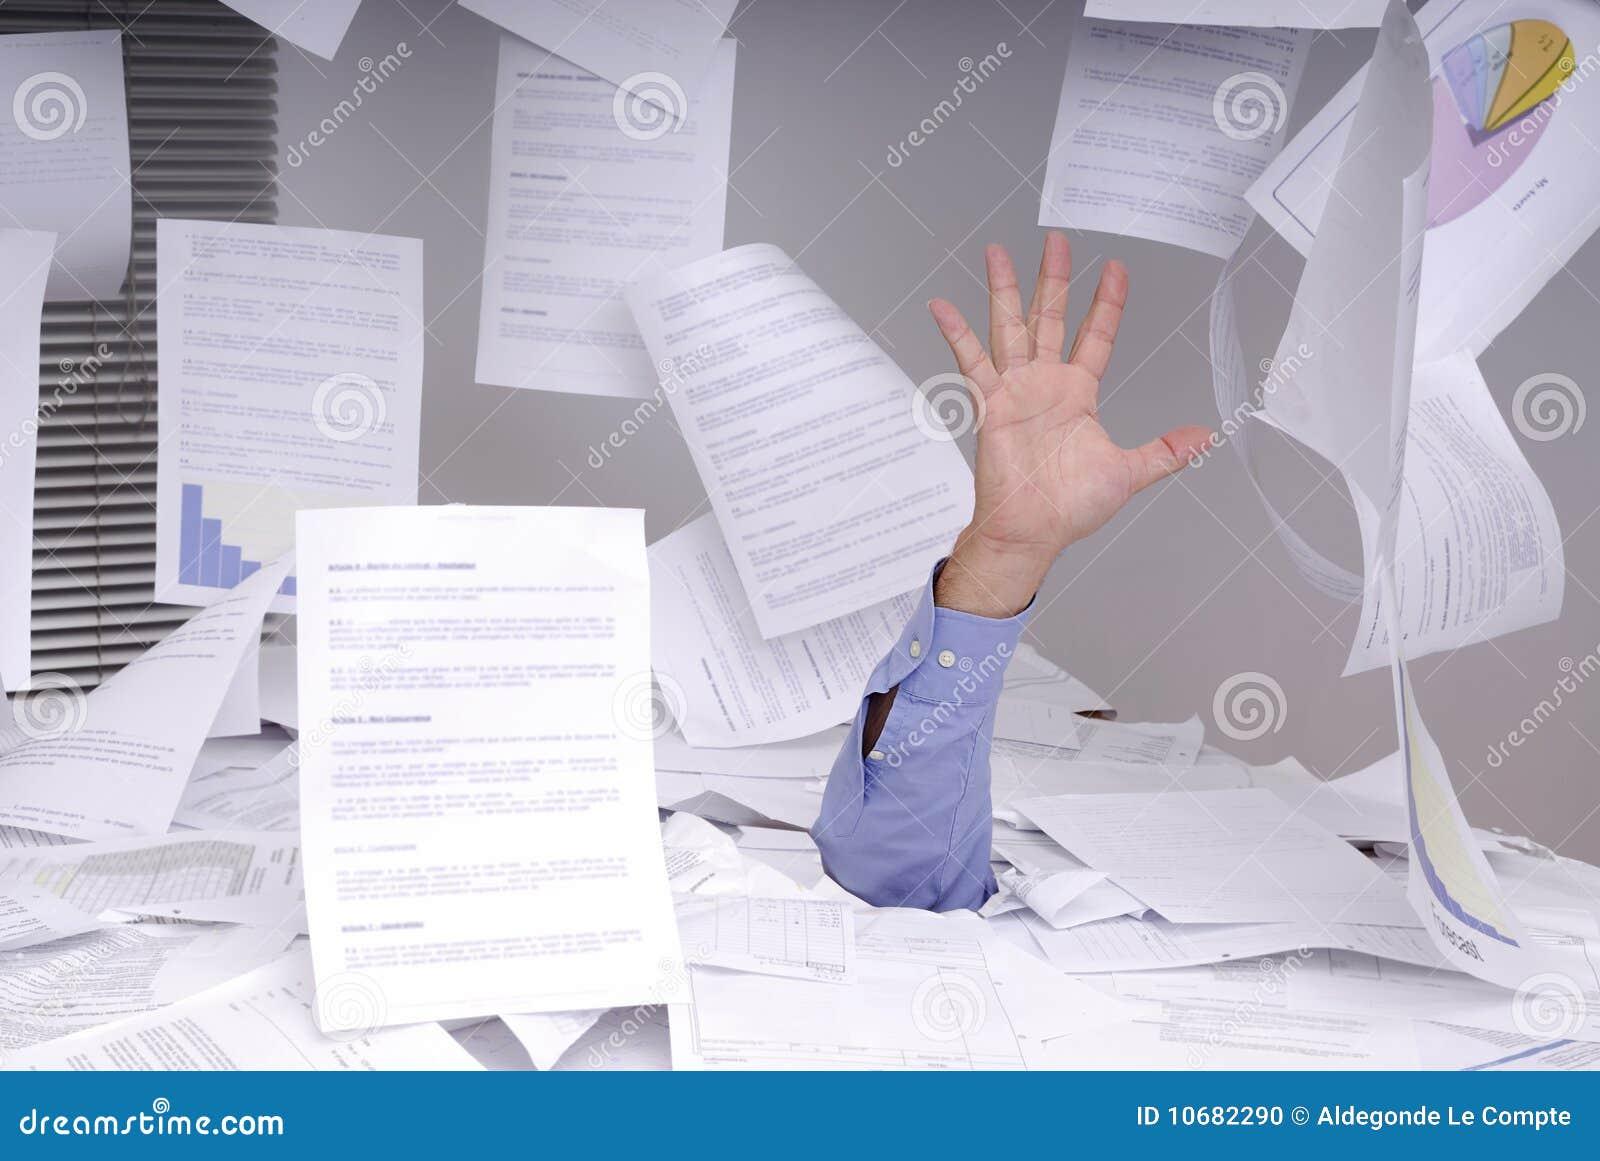 Geschäftsmann, der voll in einem Schreibtisch der Papiere ertrinkt